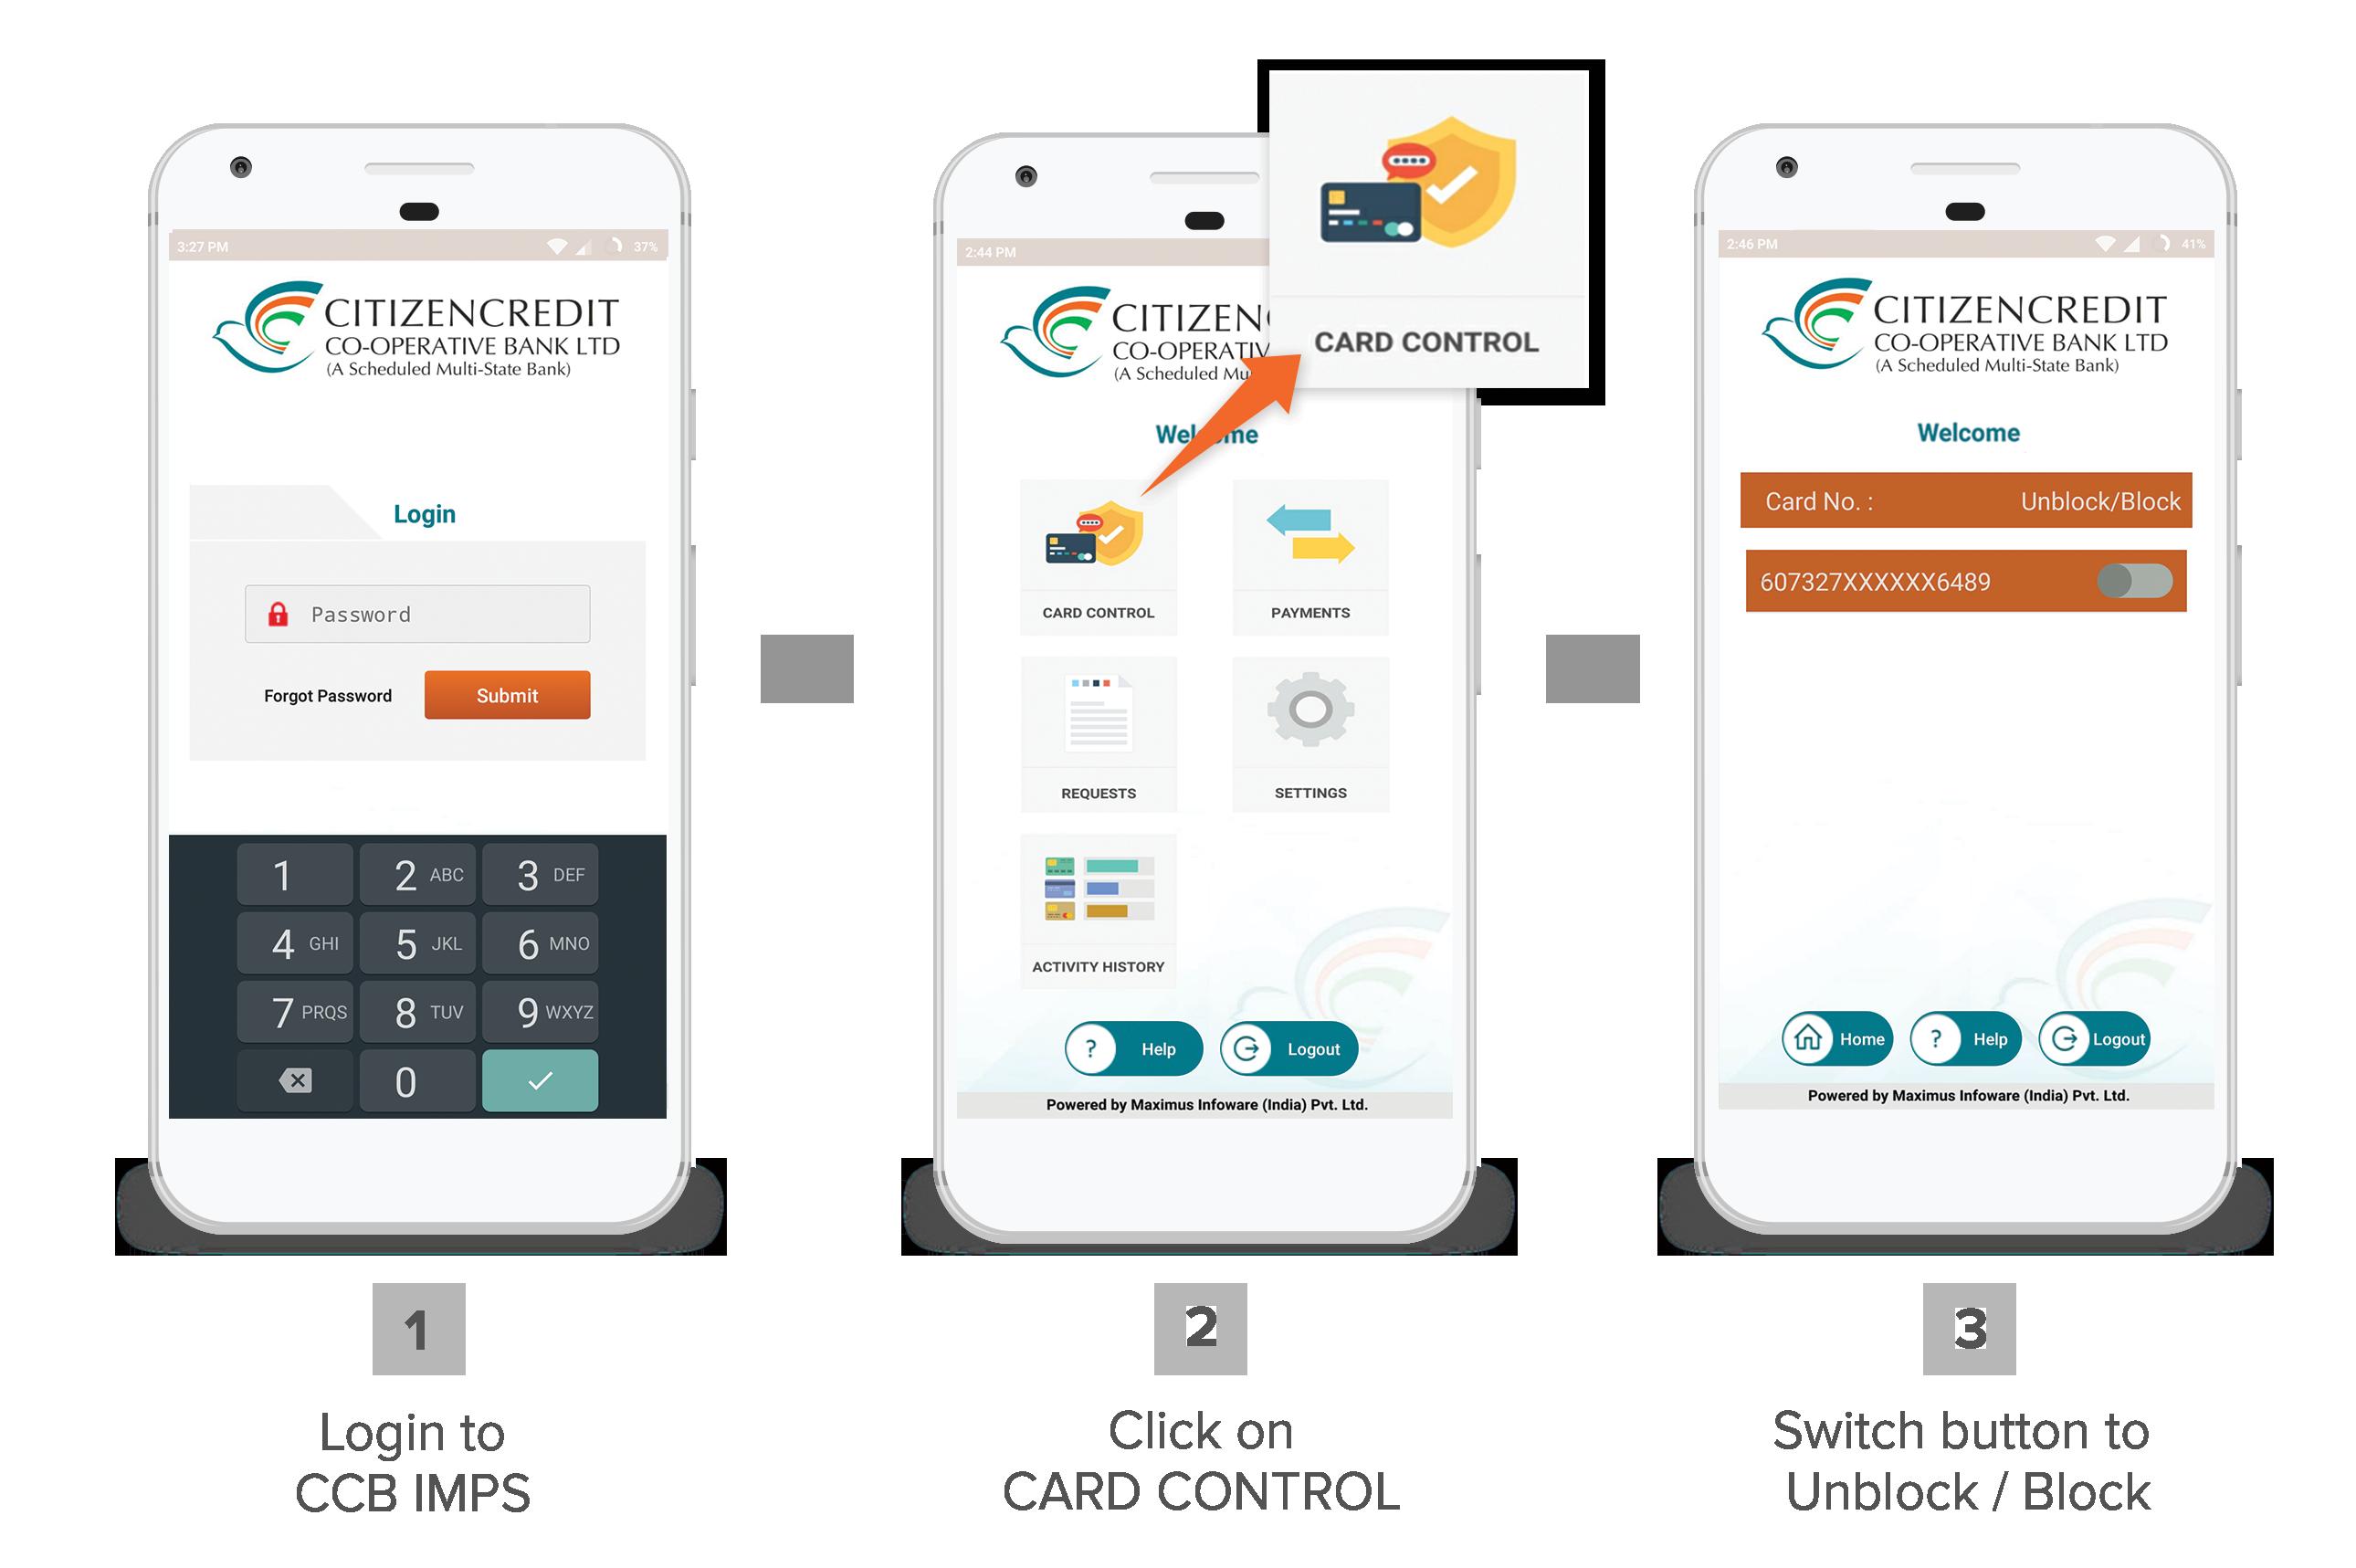 ATM Redressal | Citizencredit Co-op Bank Ltd